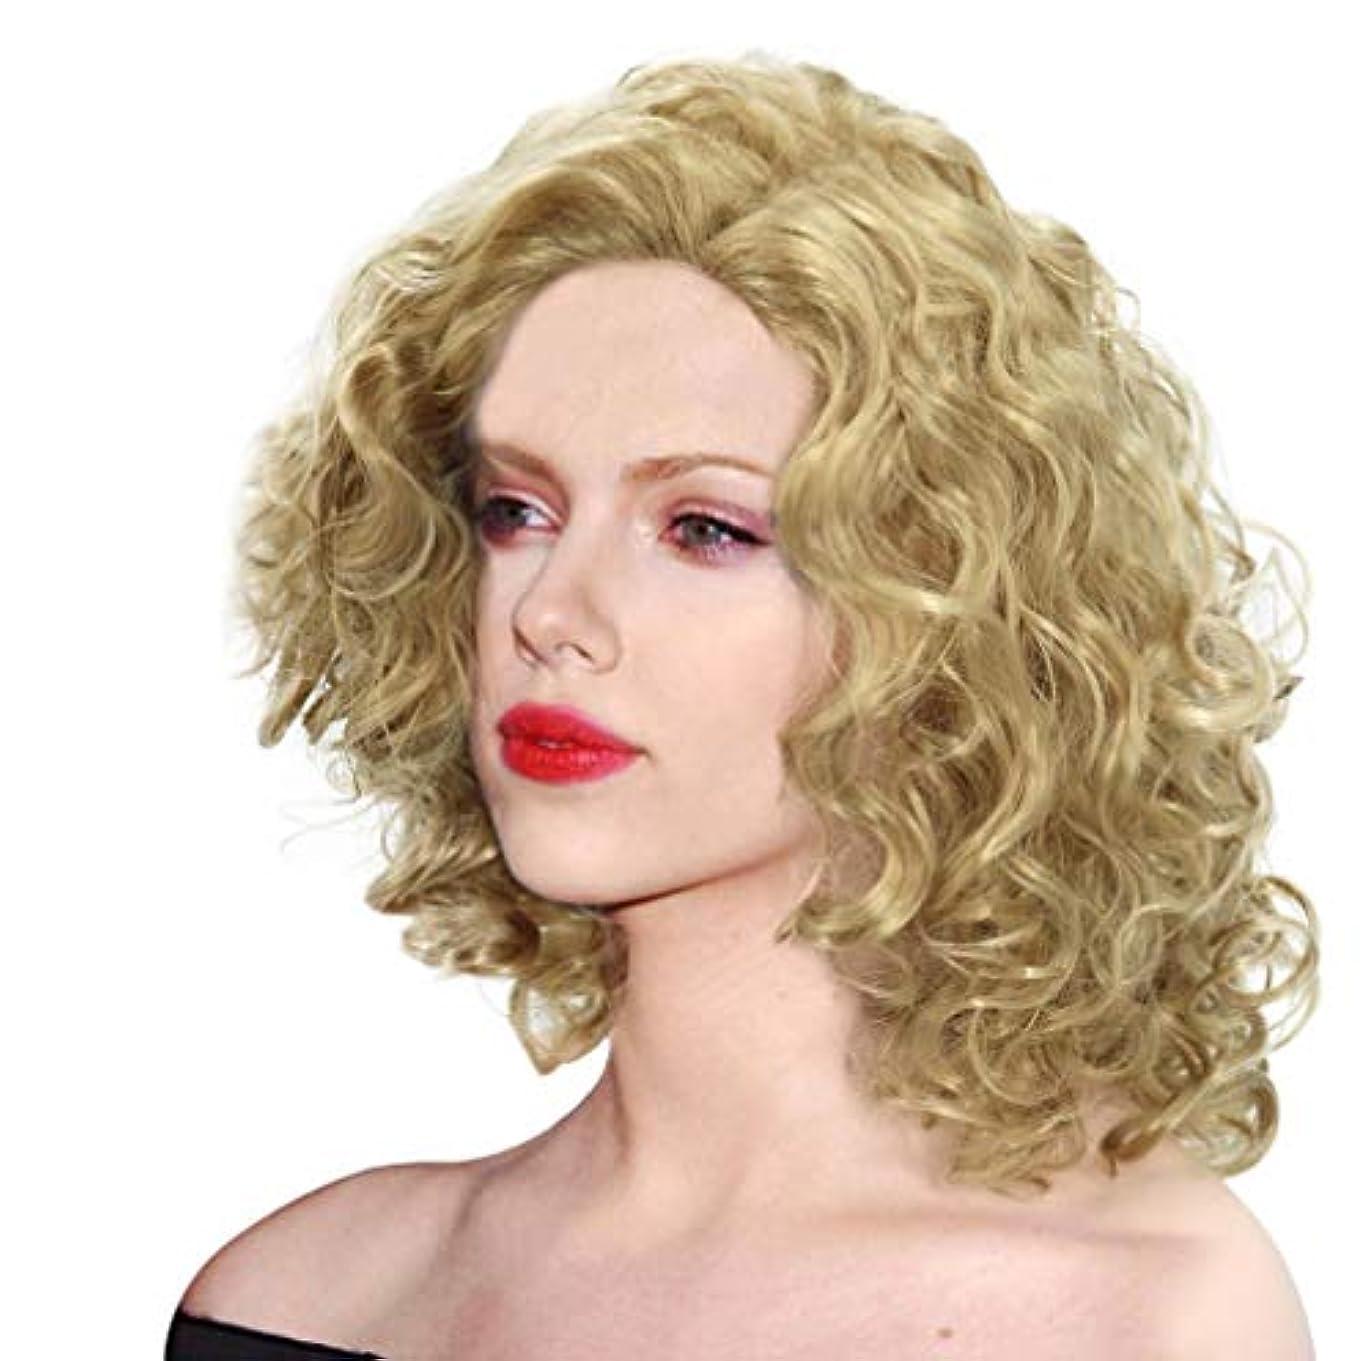 またはどちらか下位厳密に女性かつら人工毛ウィッグ波状わずかに赤ん坊の毛150%密度に適したハロウィーンコスプレゴールド42 cm